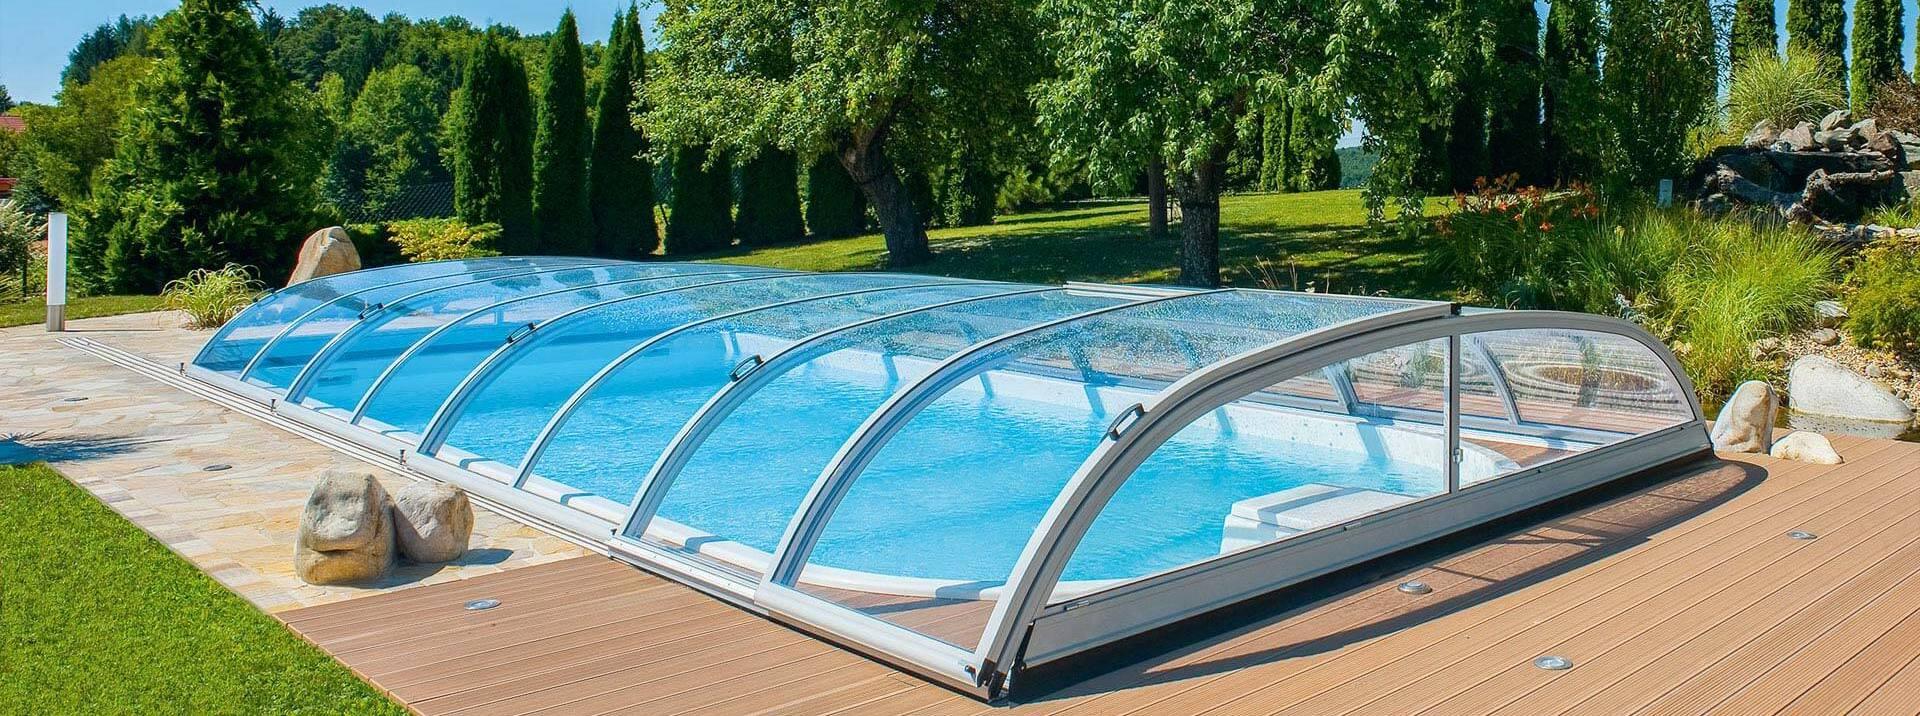 Piscine monoblocco in vetroresina prezzi piscine in - Piscina vetroresina ...